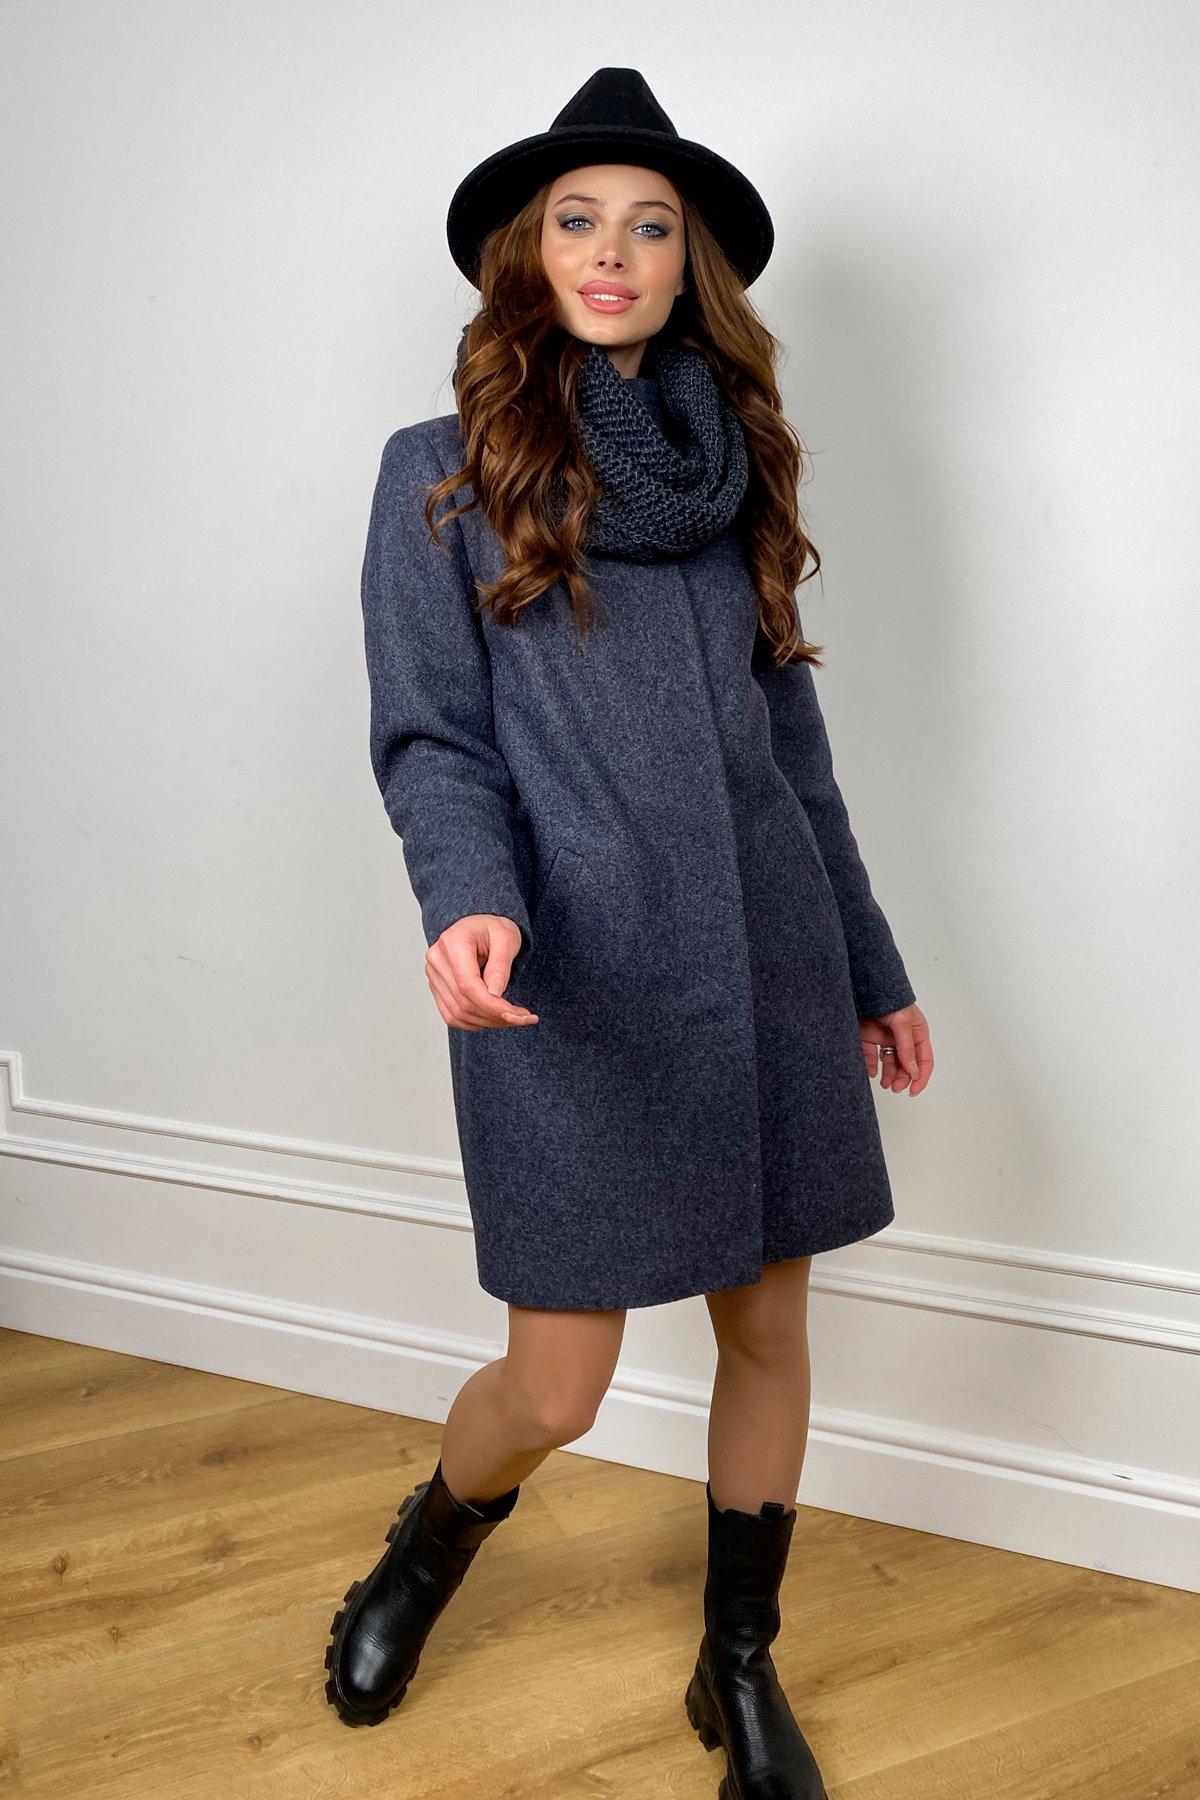 Зимнее пальто с воротником стойка Фортуна лайт 5804 АРТ. 44304 Цвет: т. синий 543 - фото 2, интернет магазин tm-modus.ru